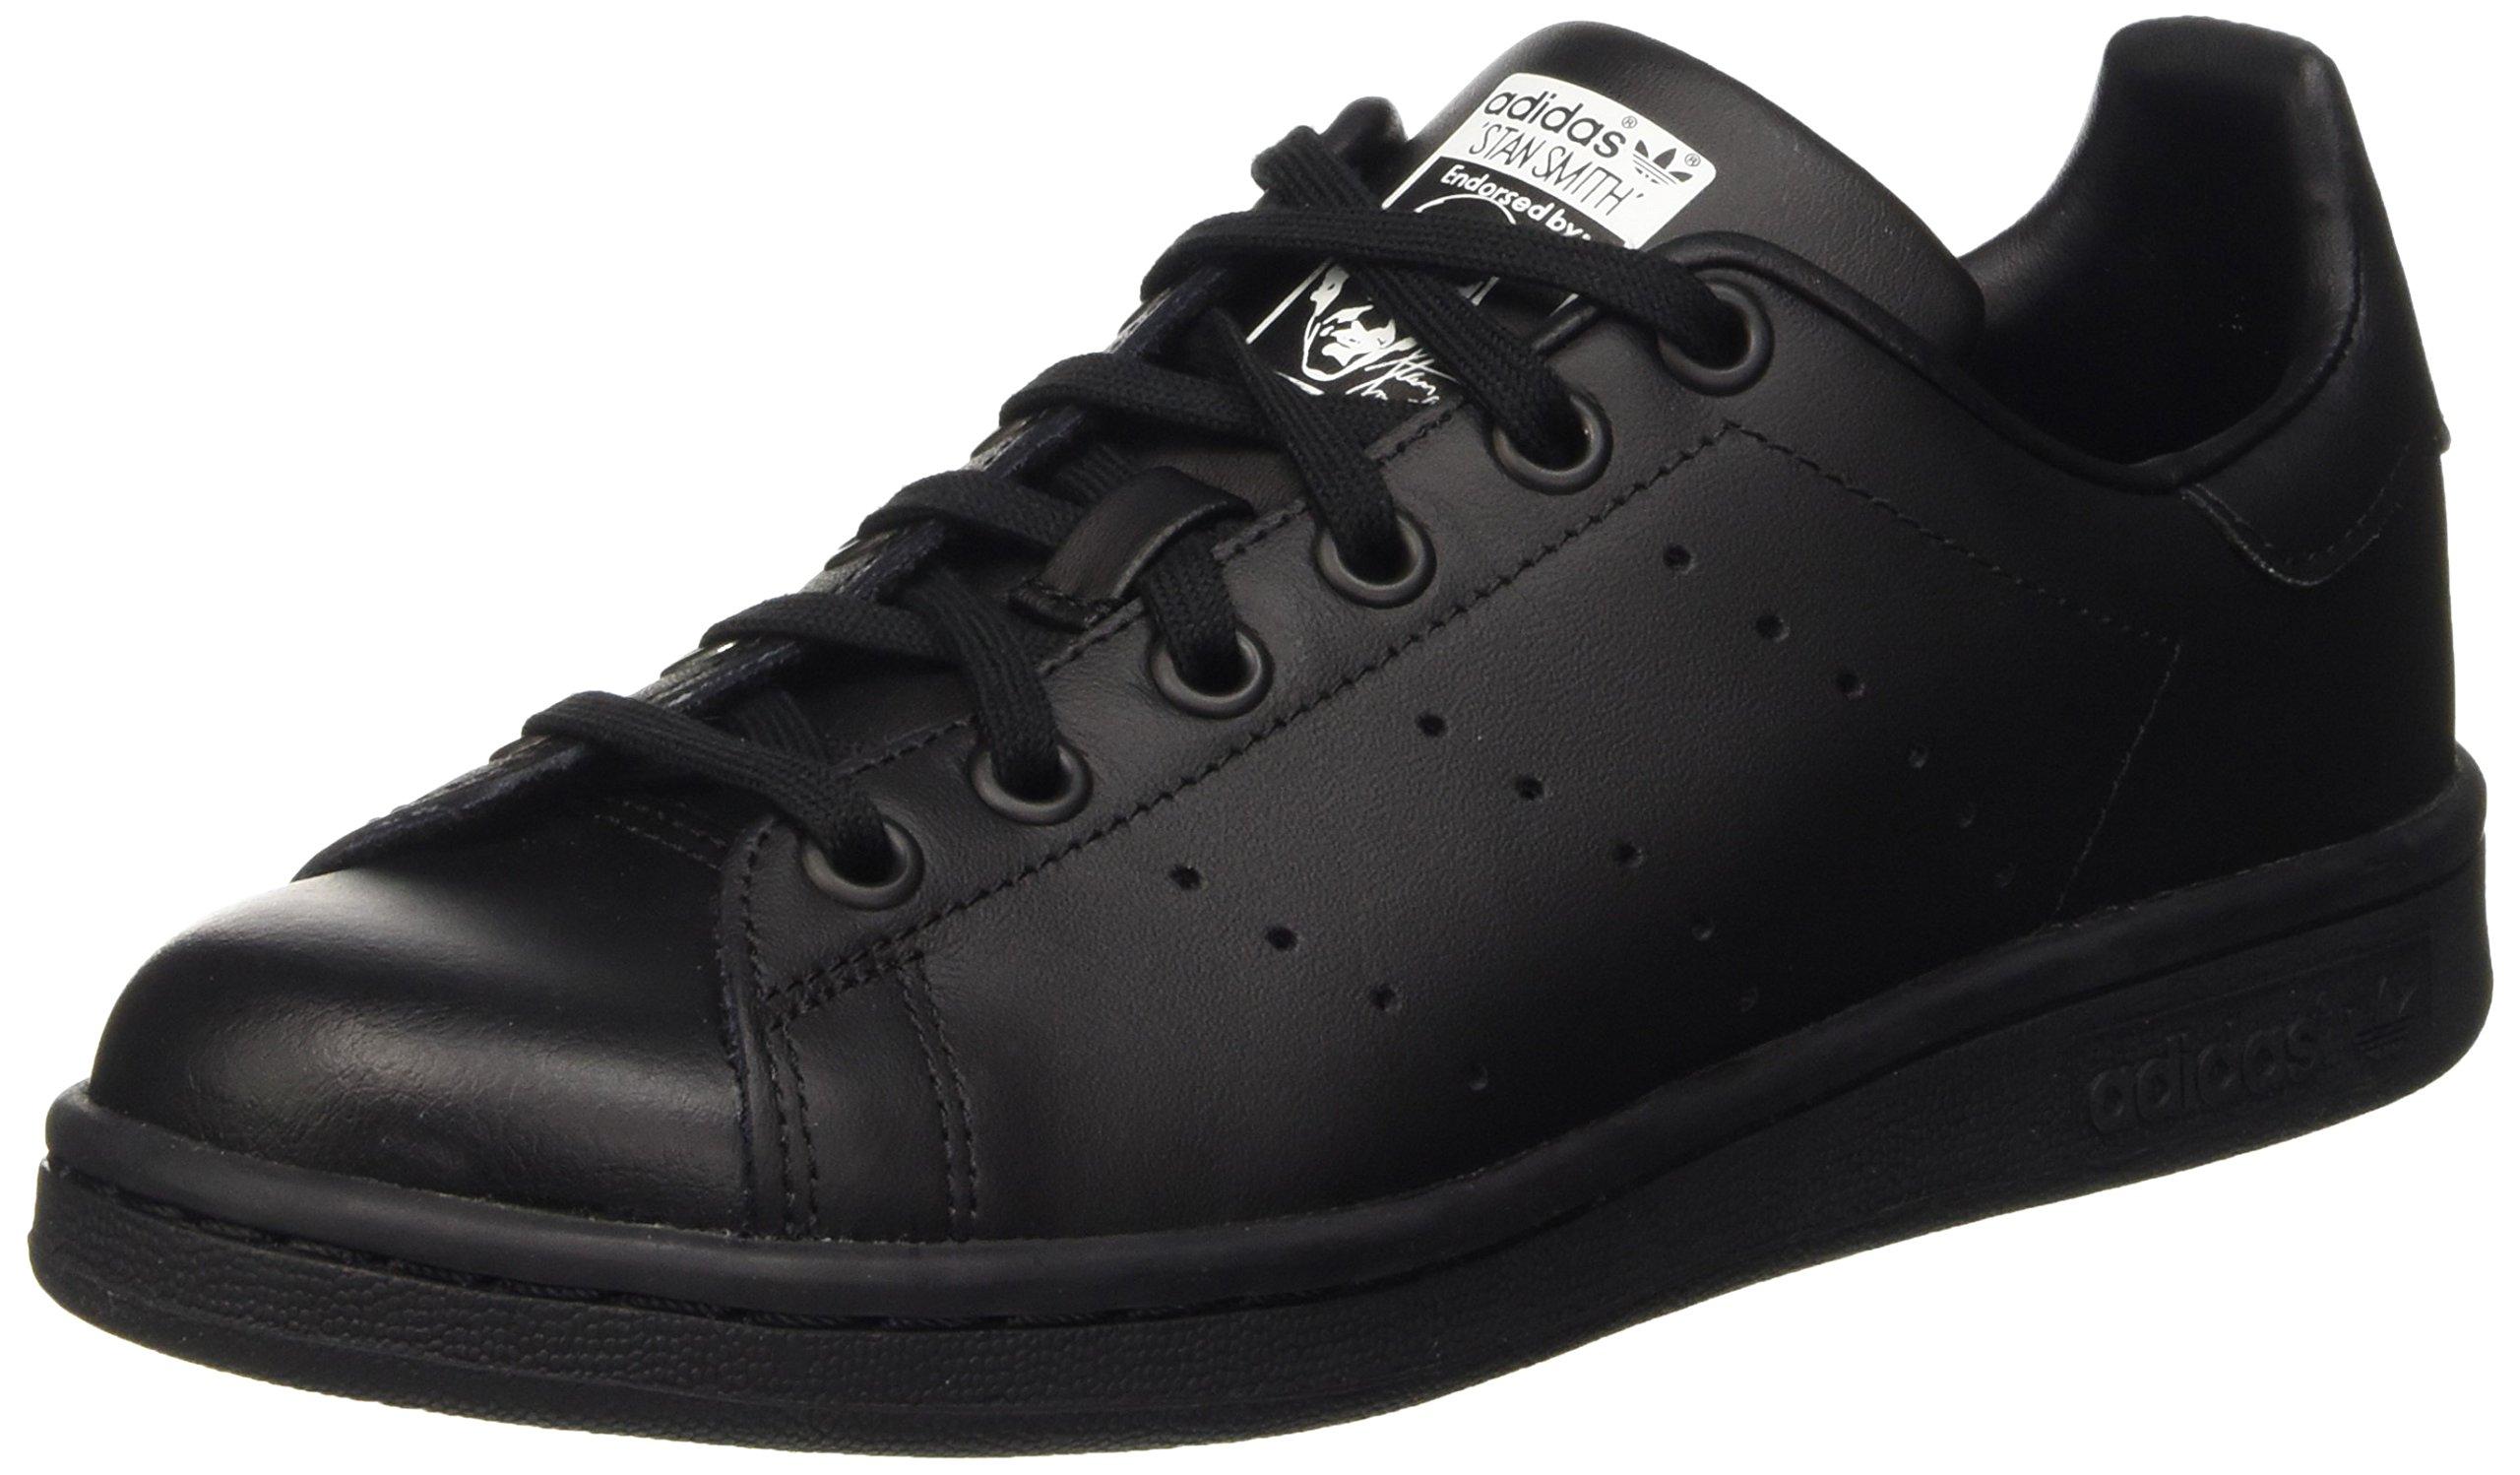 Top Chaussures De Basket Ball Selon Les Notes Ypgfzotf-150531-5524550 Vente